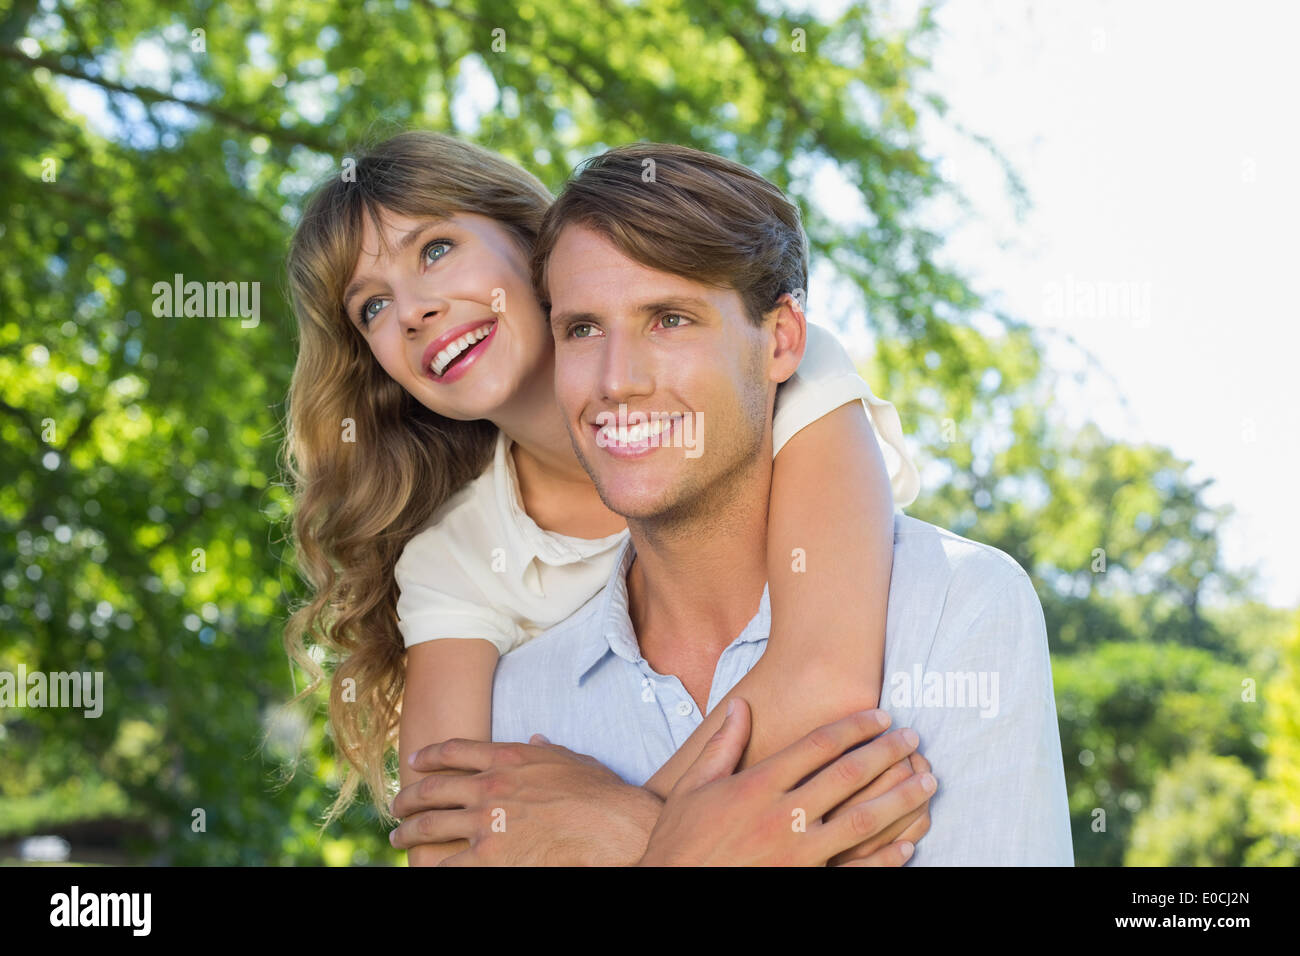 Mann mit seiner hübschen Freundin Huckepack in den Park lächelnd Stockbild